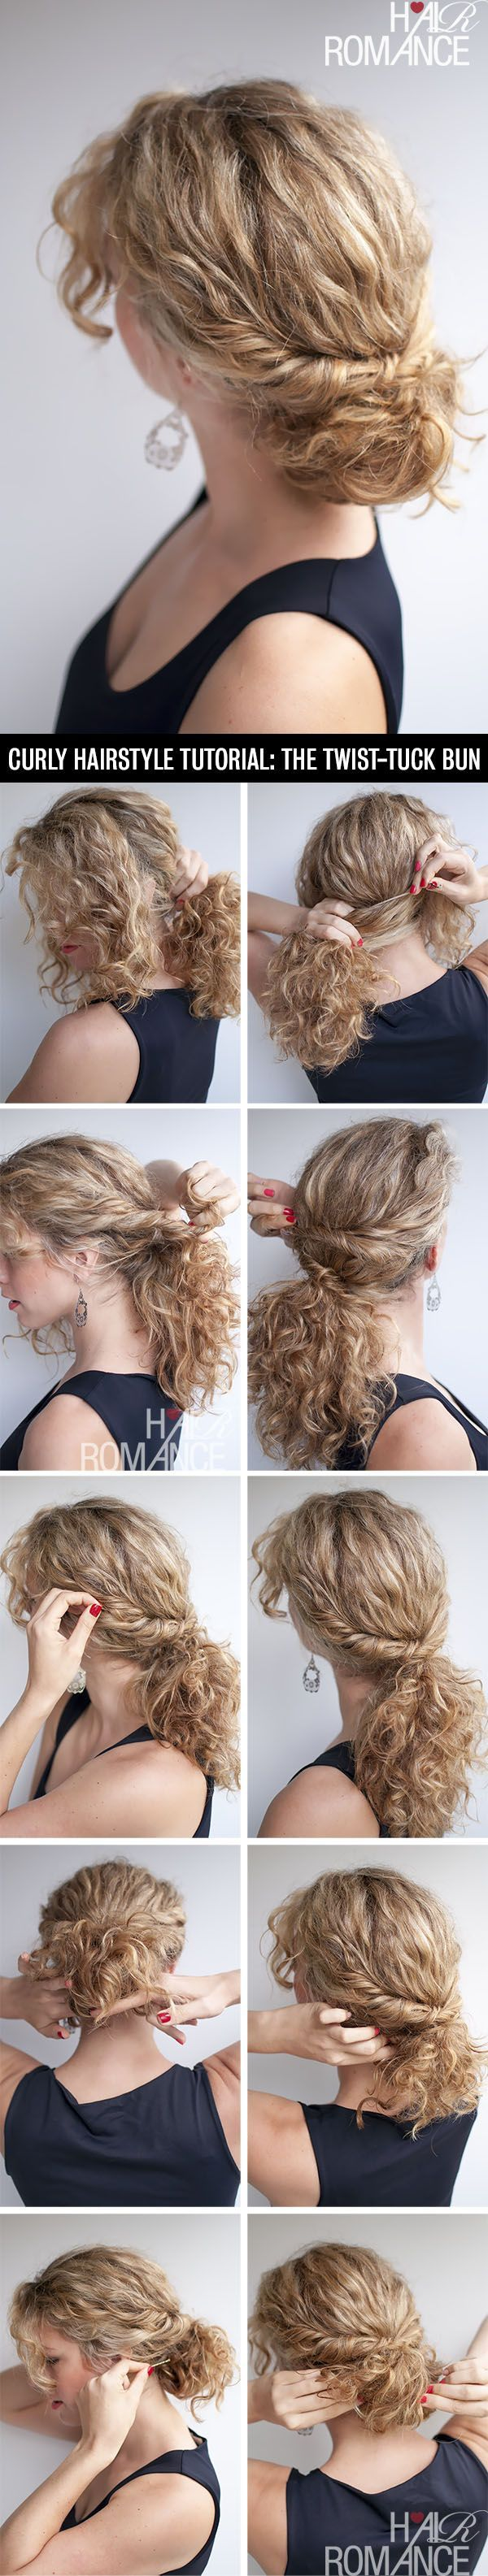 capelli-ricci-chignon-incrociato